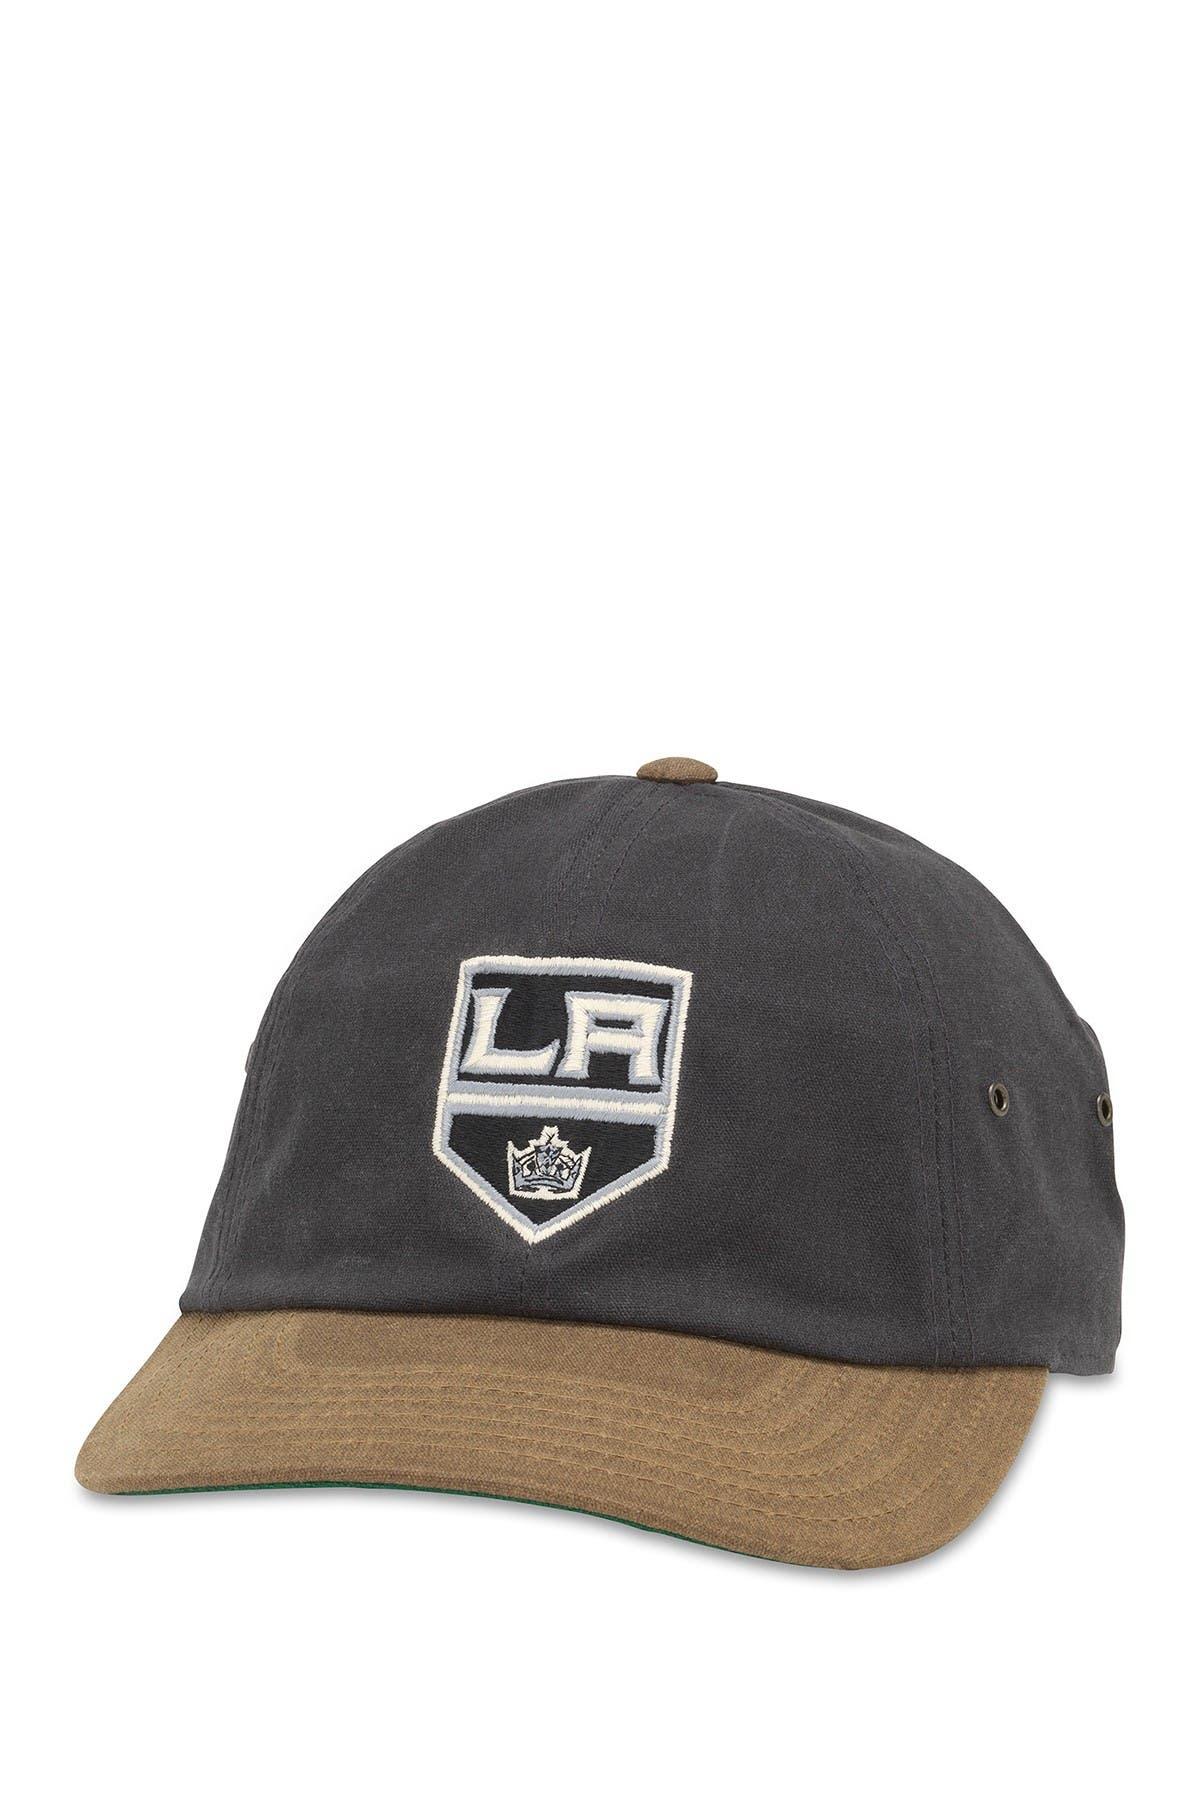 Image of American Needle NHL LA Kings Slouch Baseball Cap